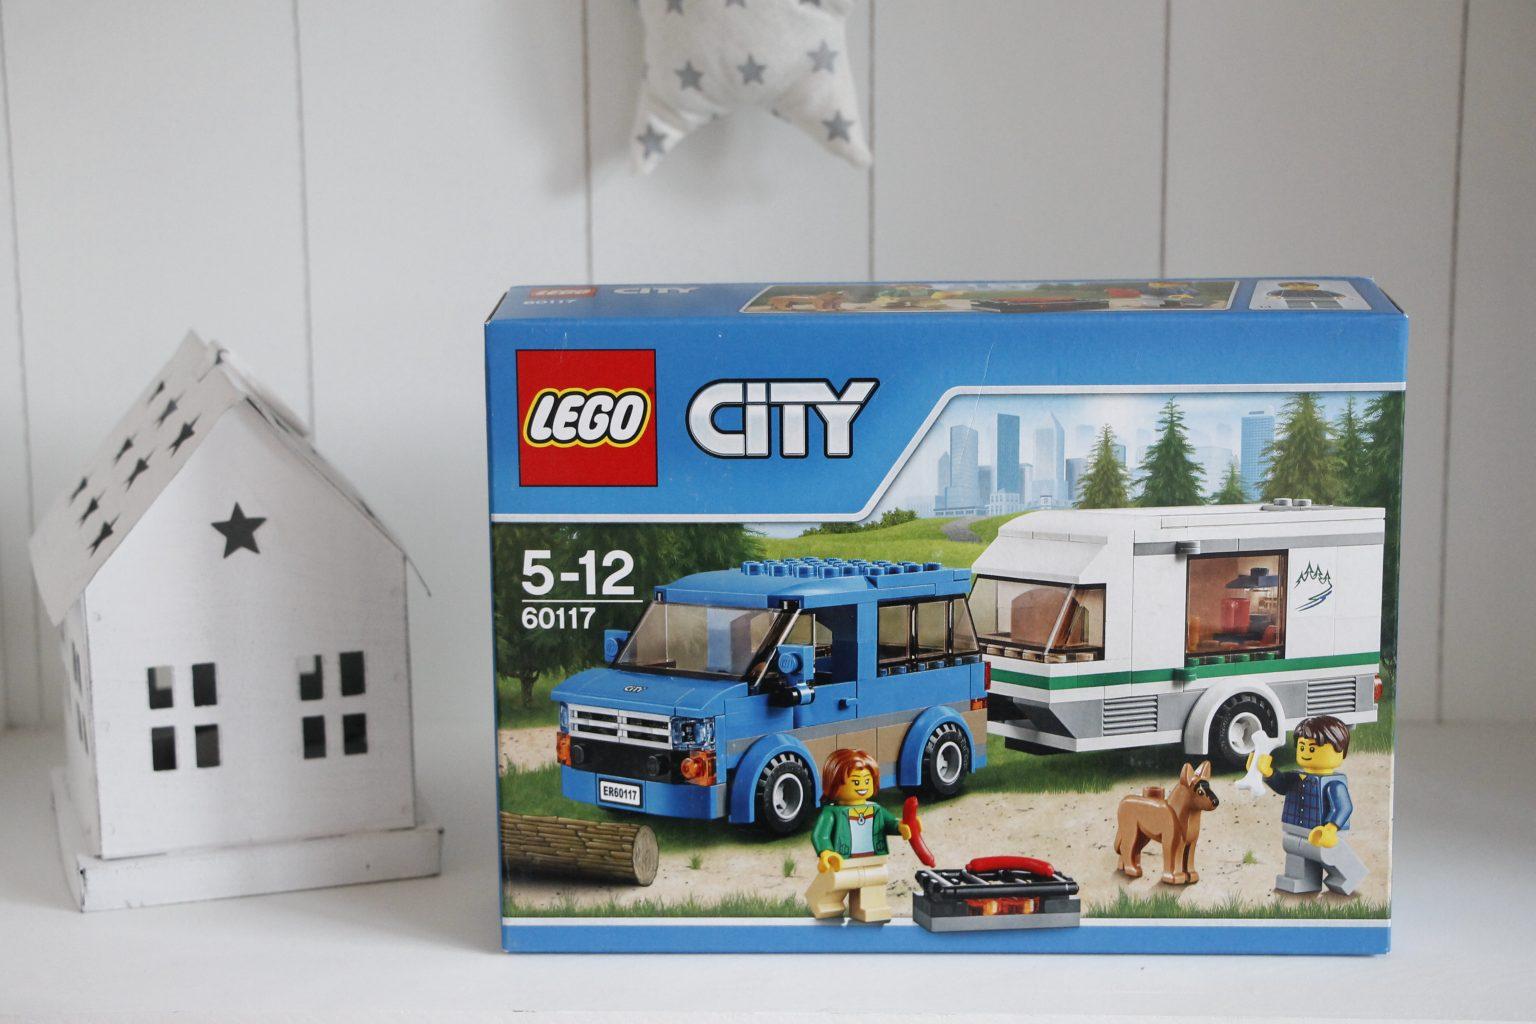 Lego City 60117